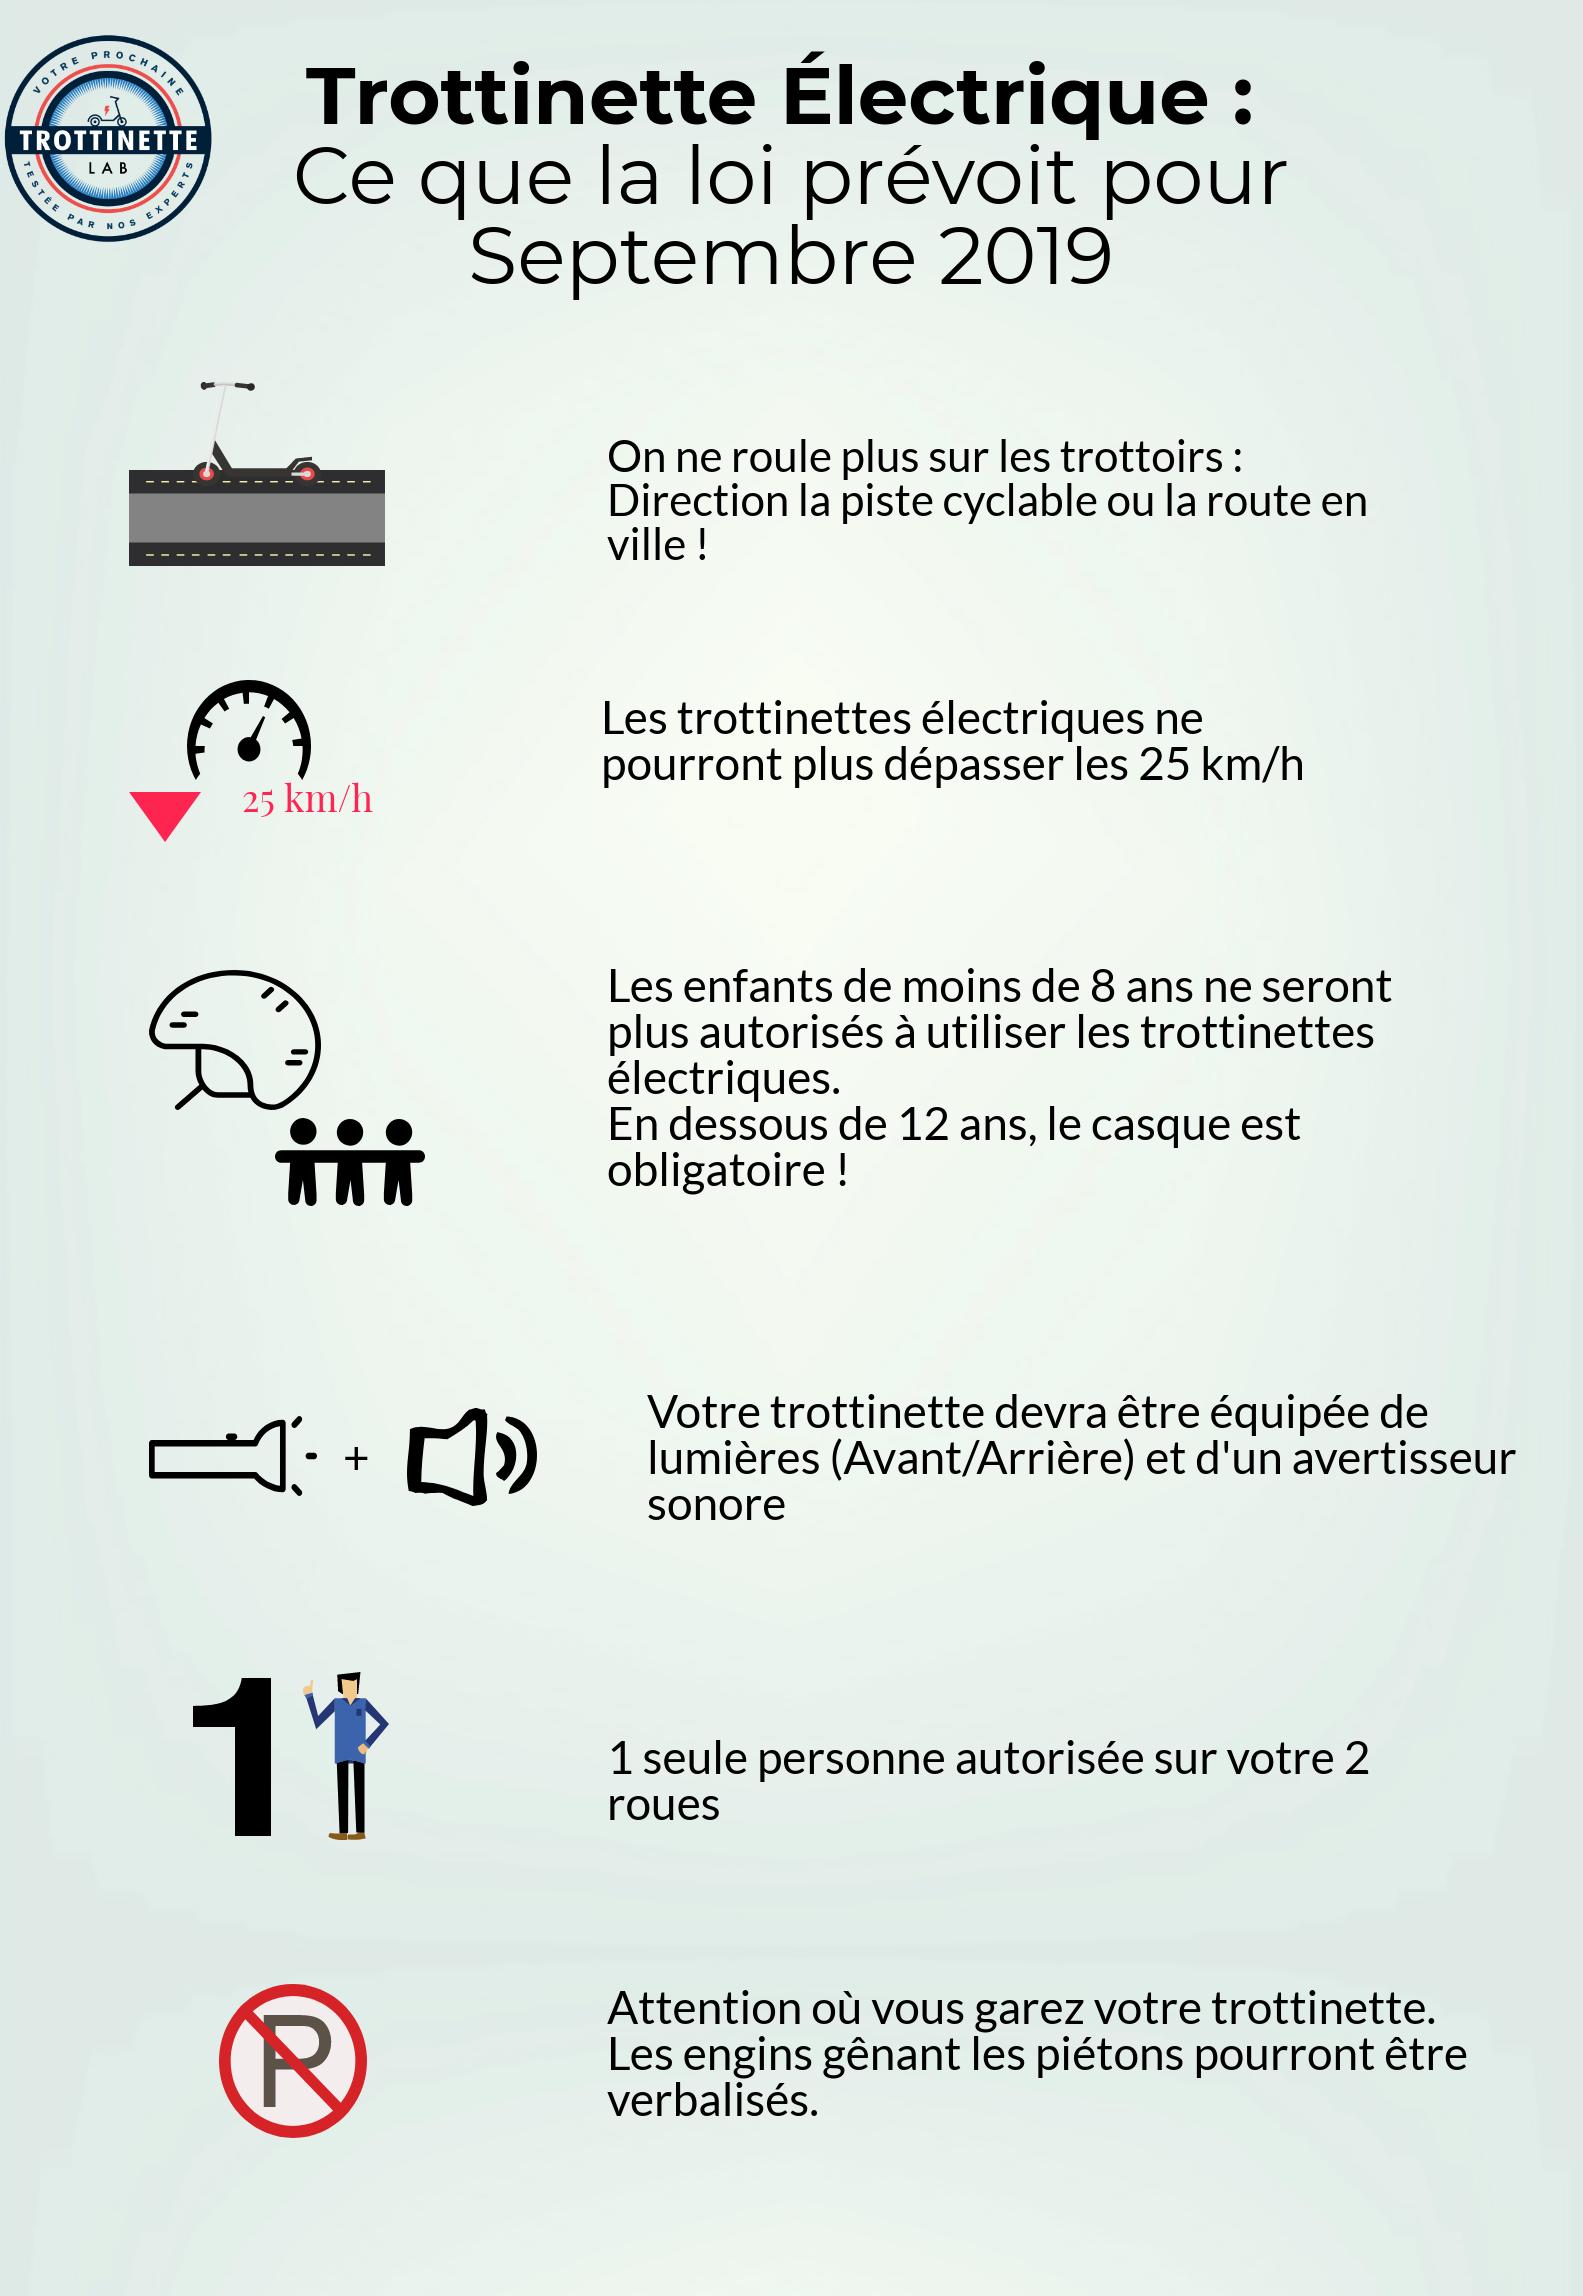 loi 2019 trottinette electrique